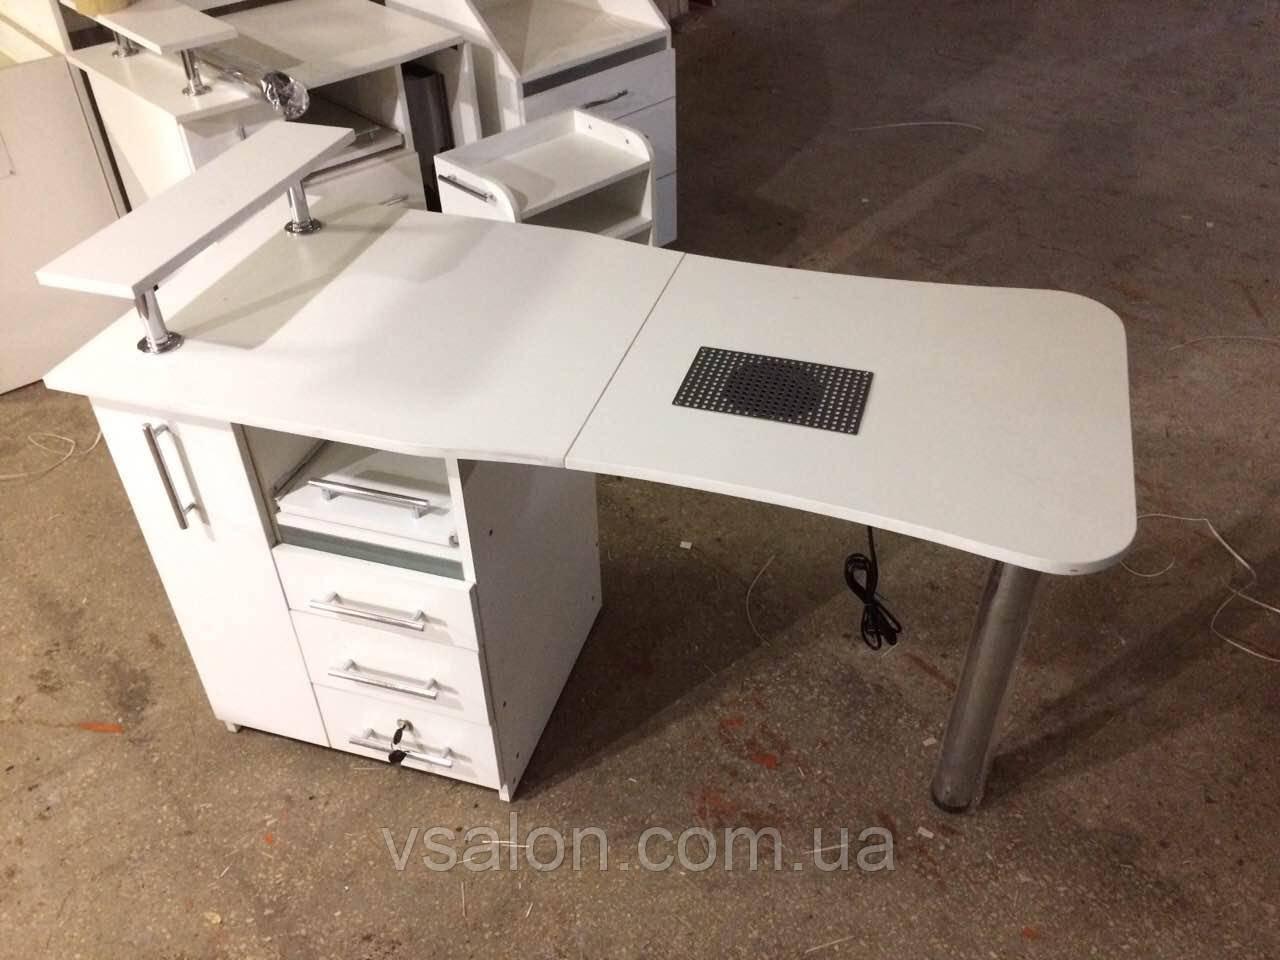 Стіл манікюрний складаний з УФ лампою білий V102